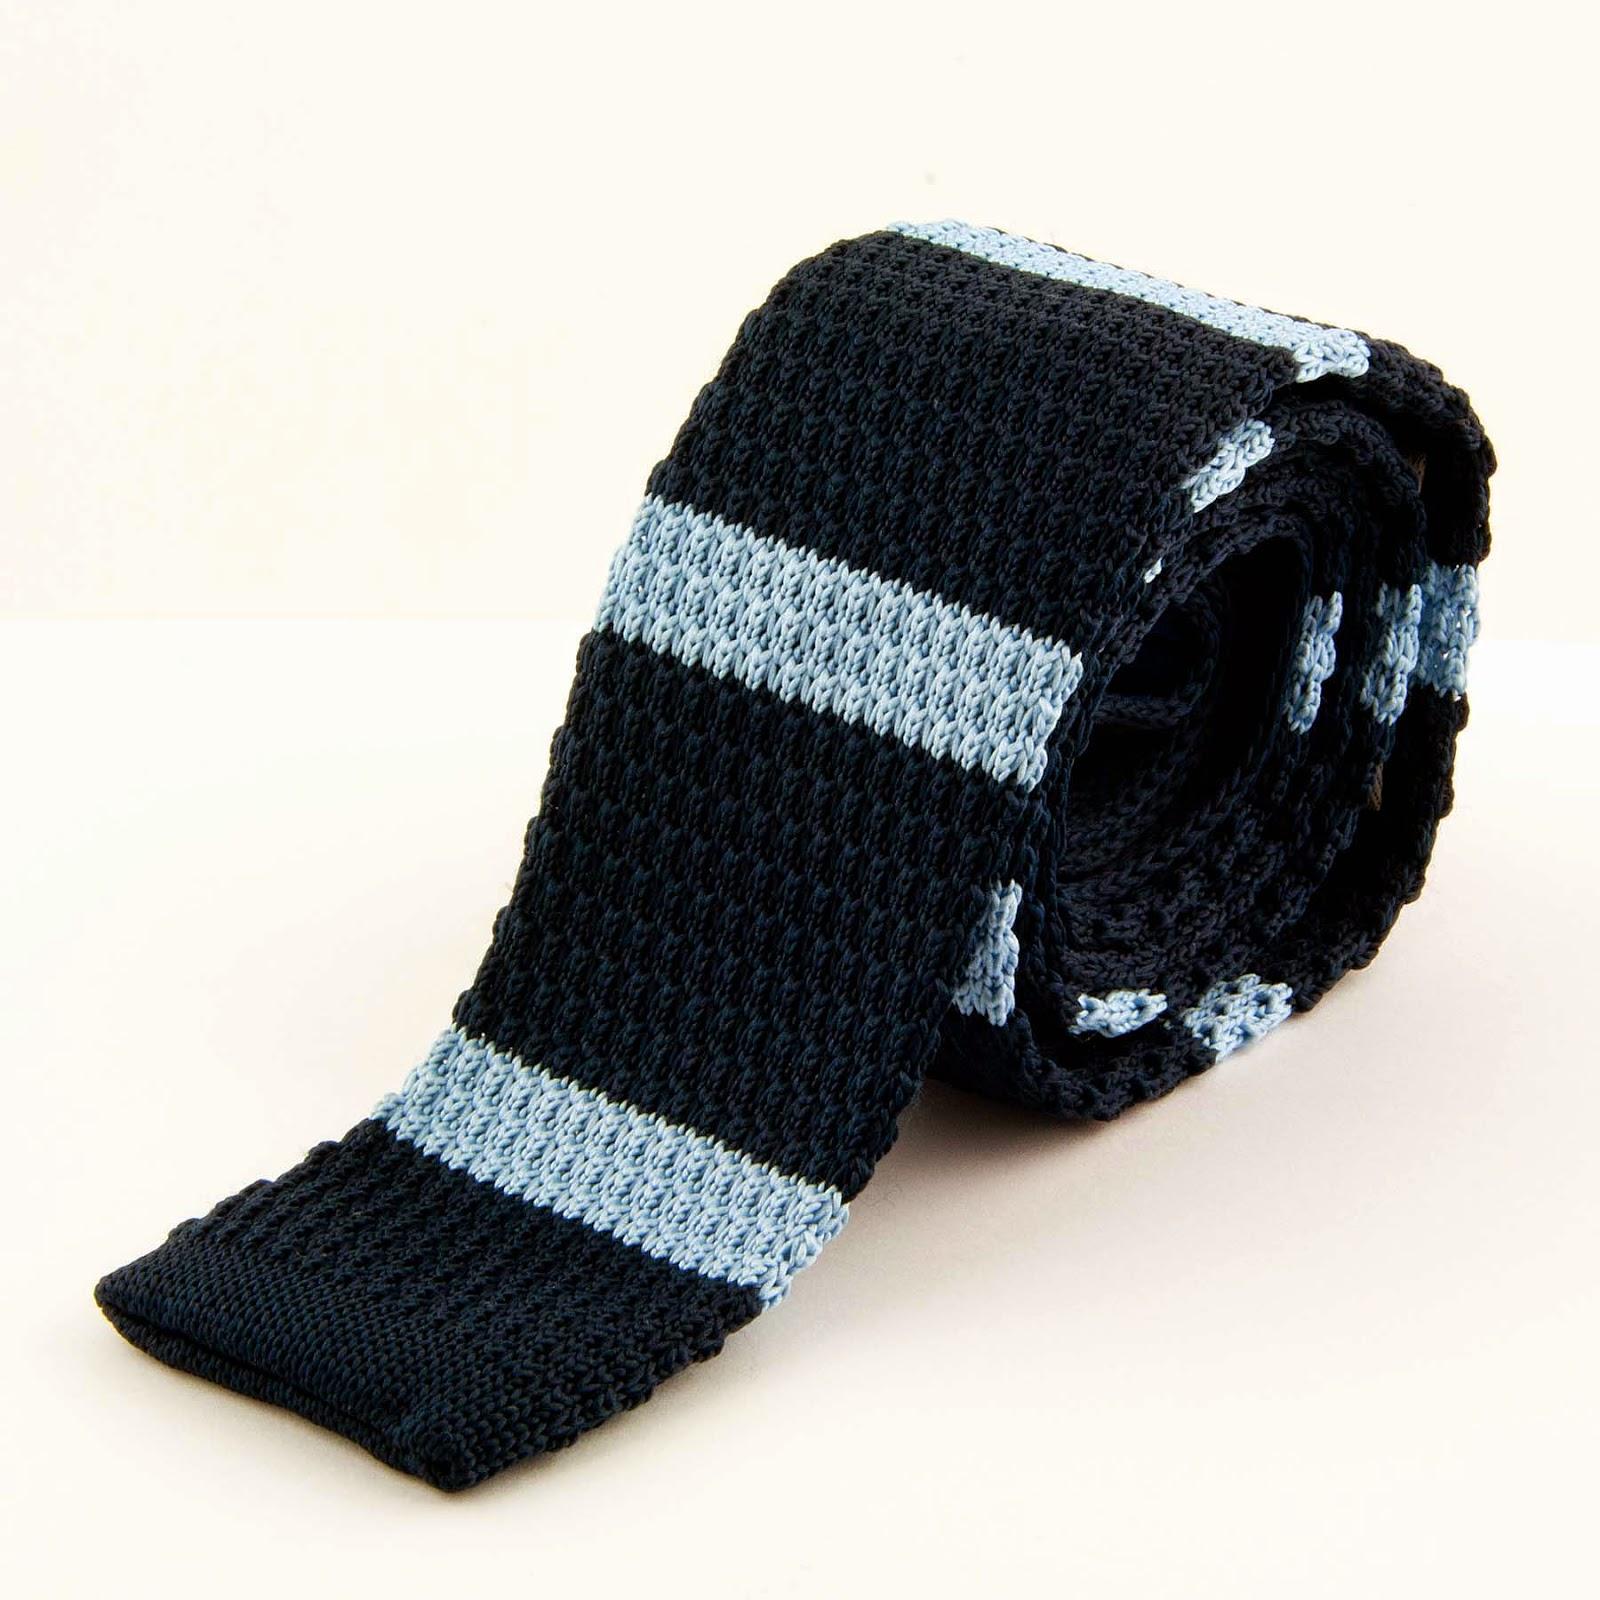 Krawat dziany tkzw. knit